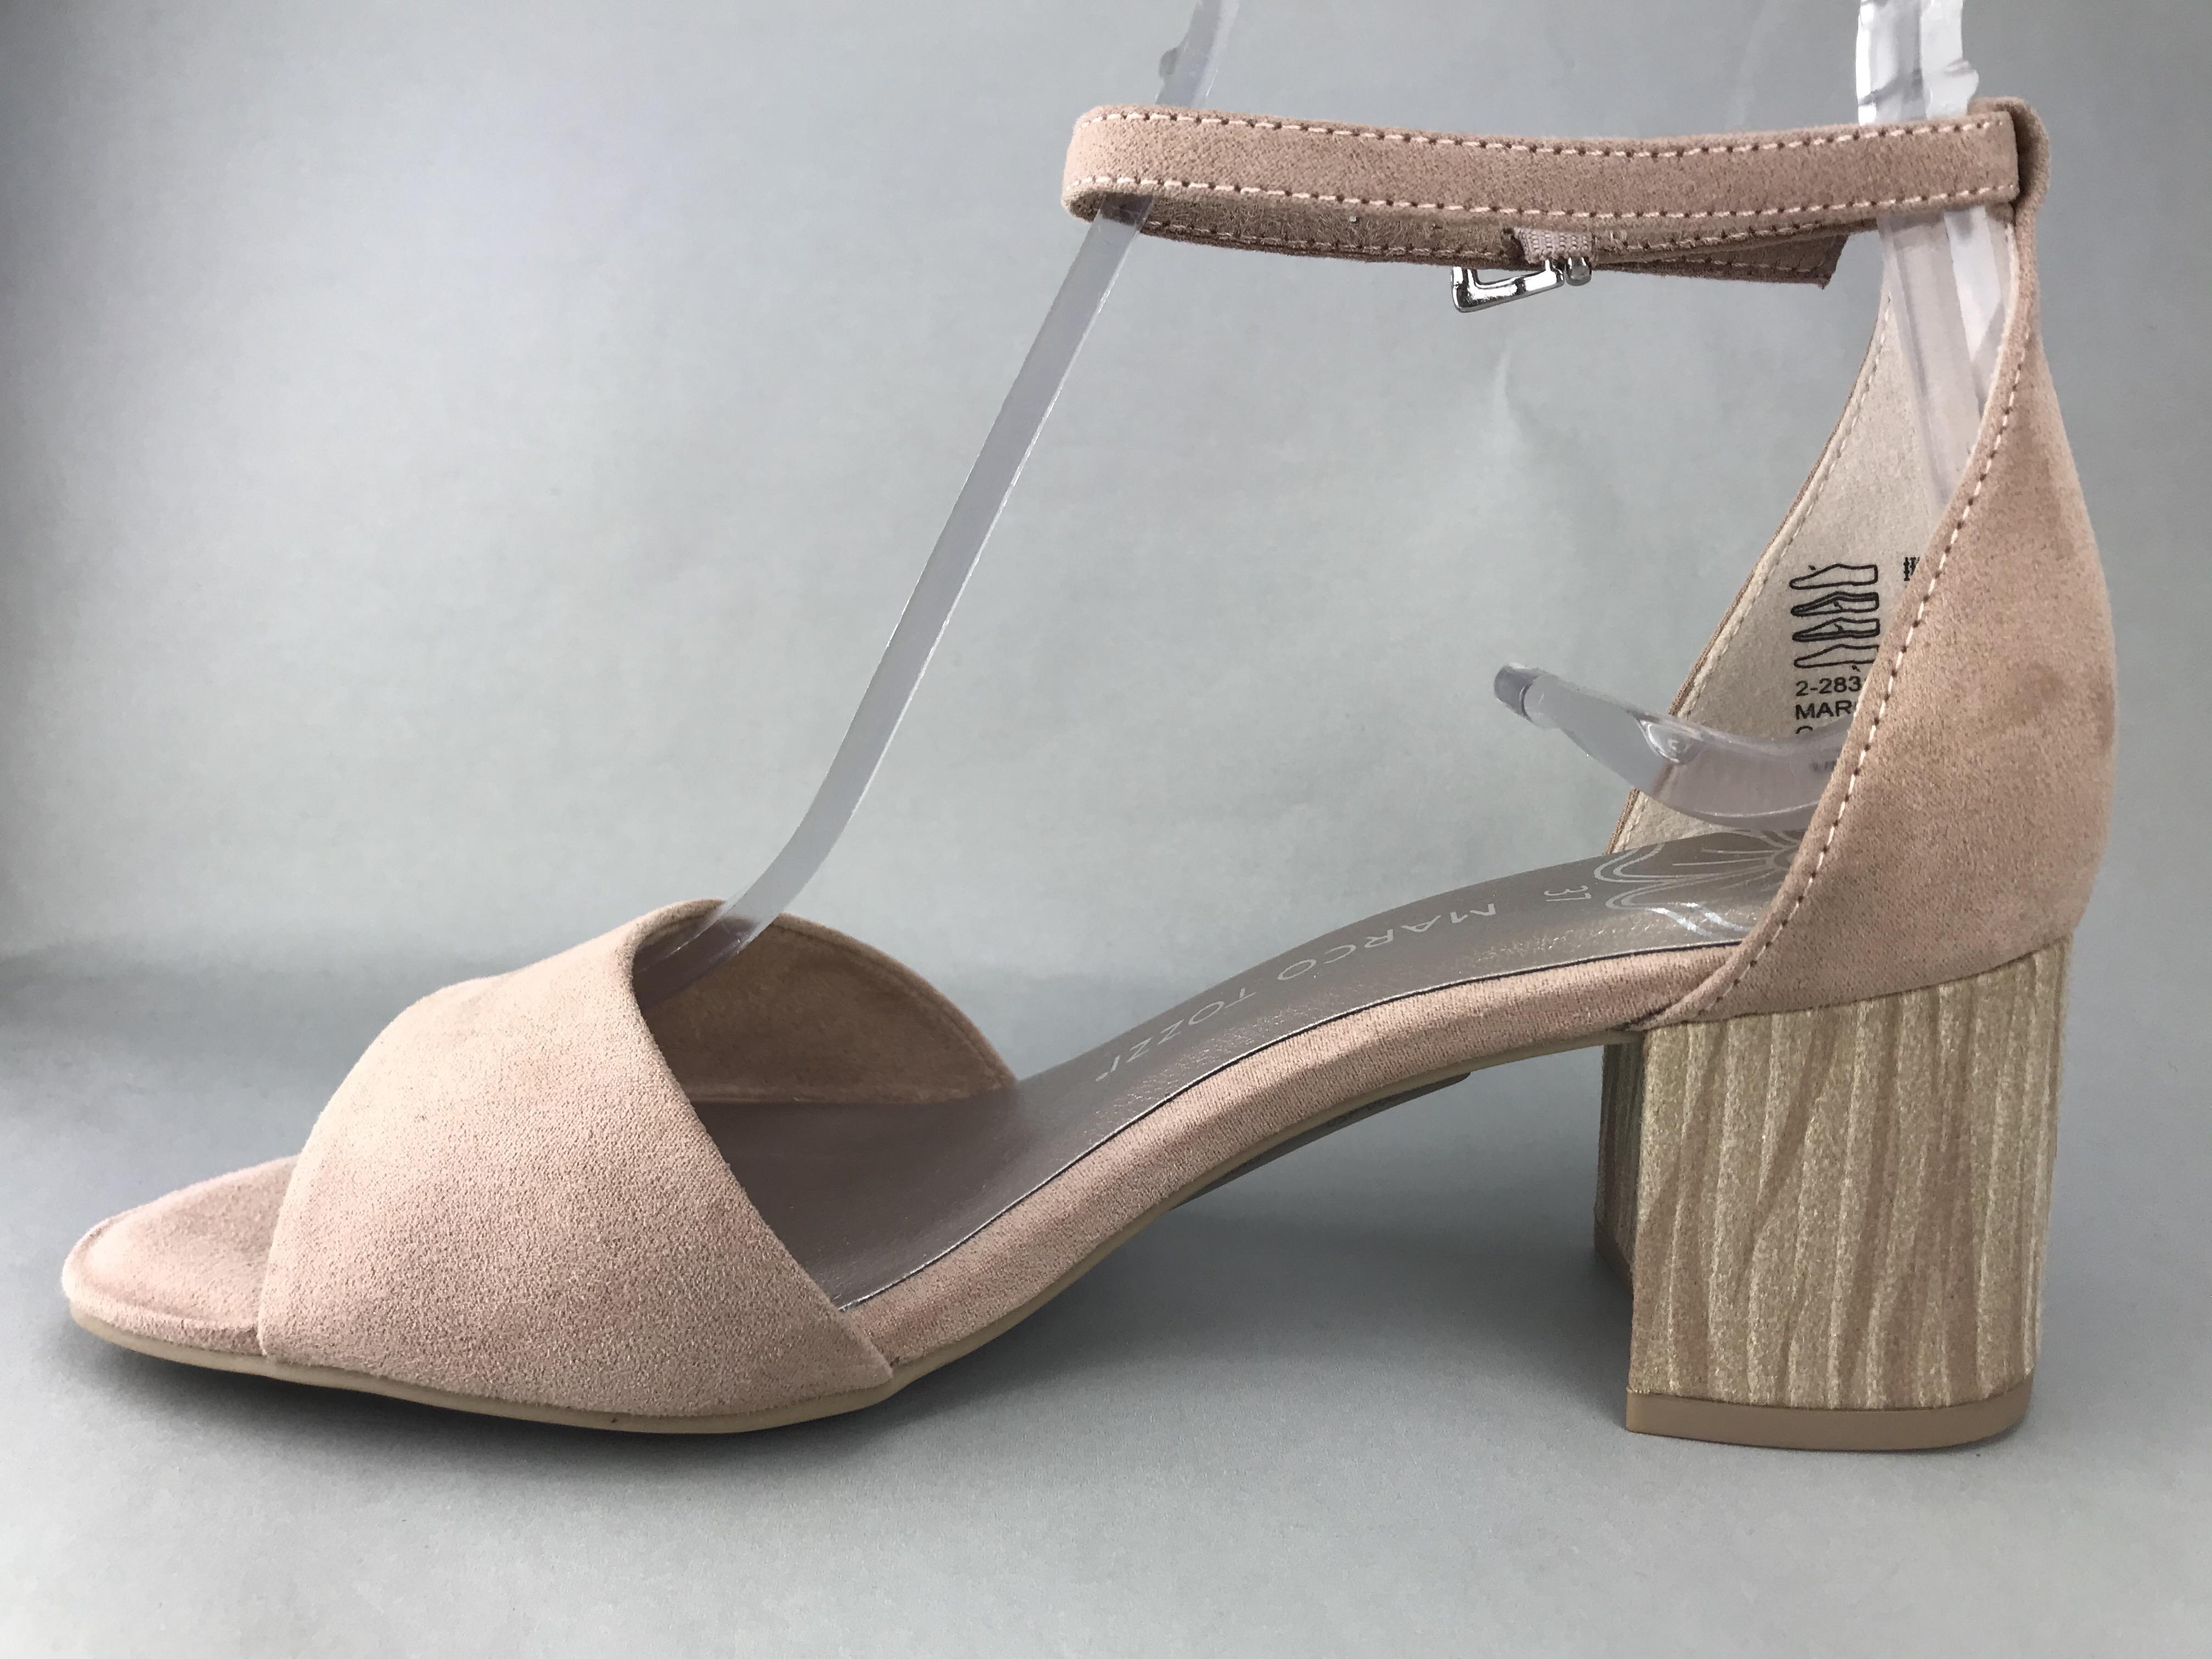 Wonders blød sandal m. hæl - Dame - Askepot sko